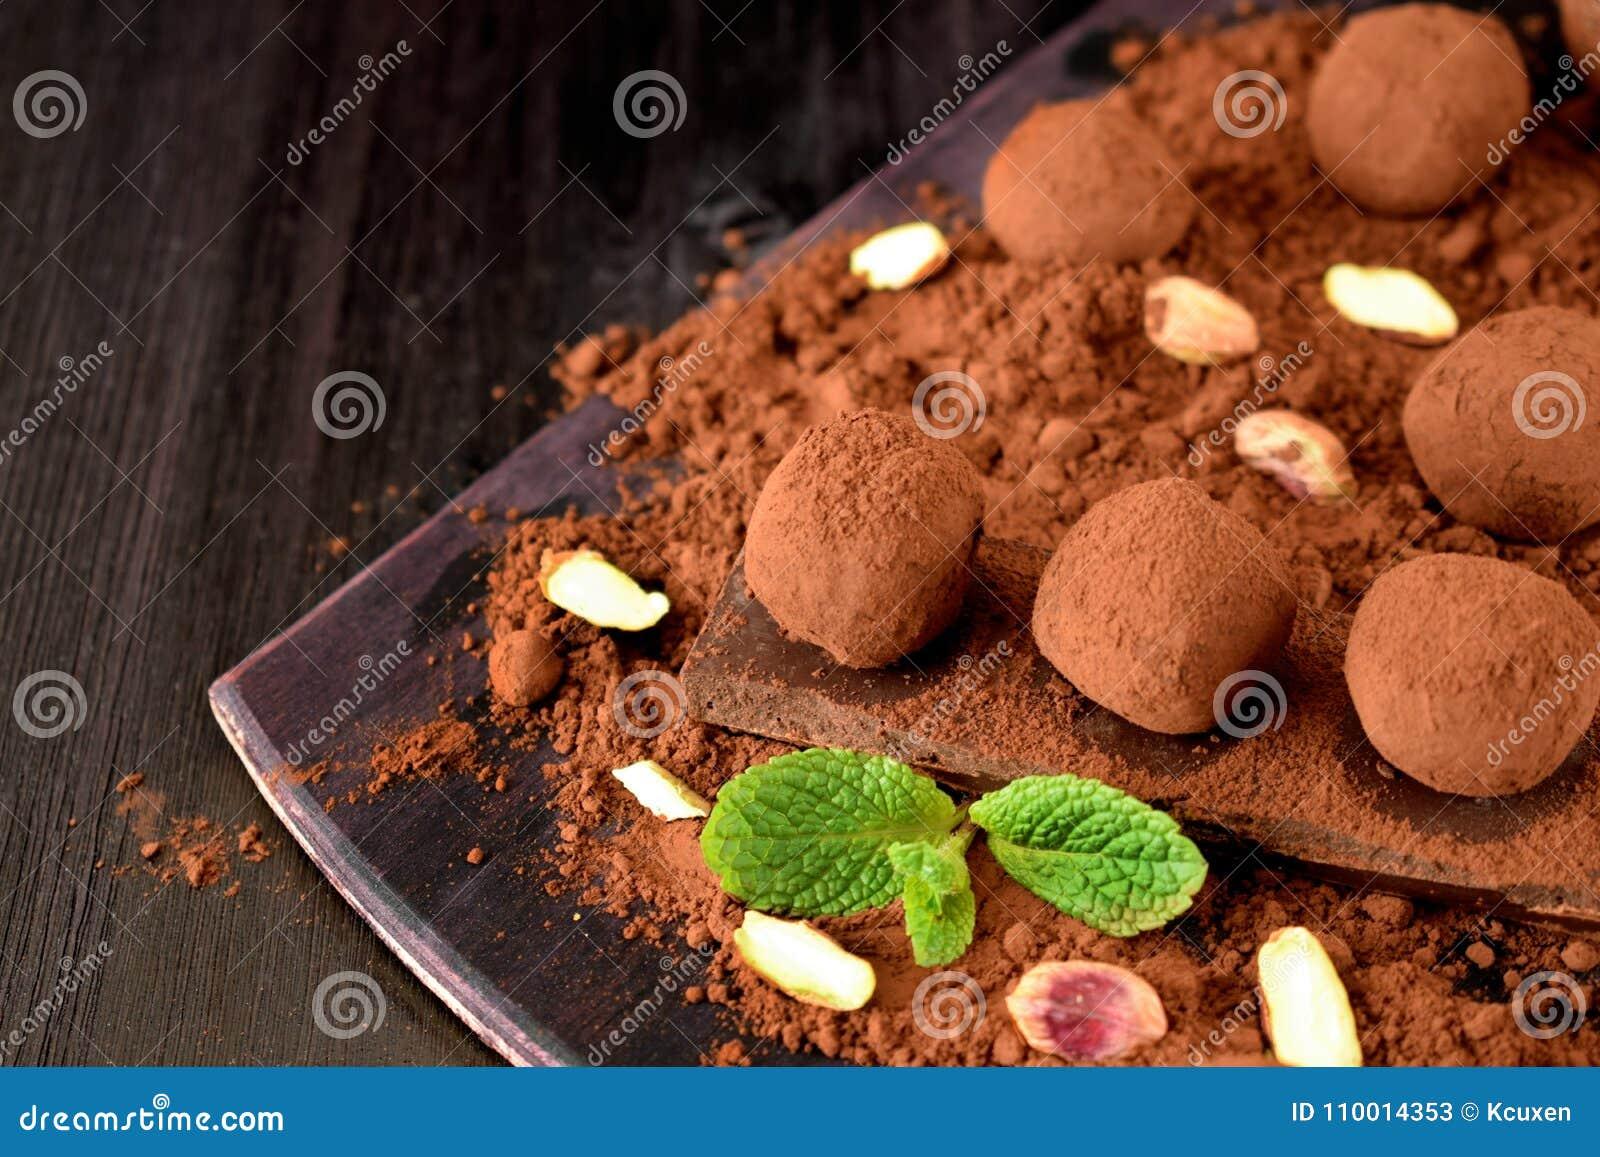 用可可粉盖的块菌状巧克力